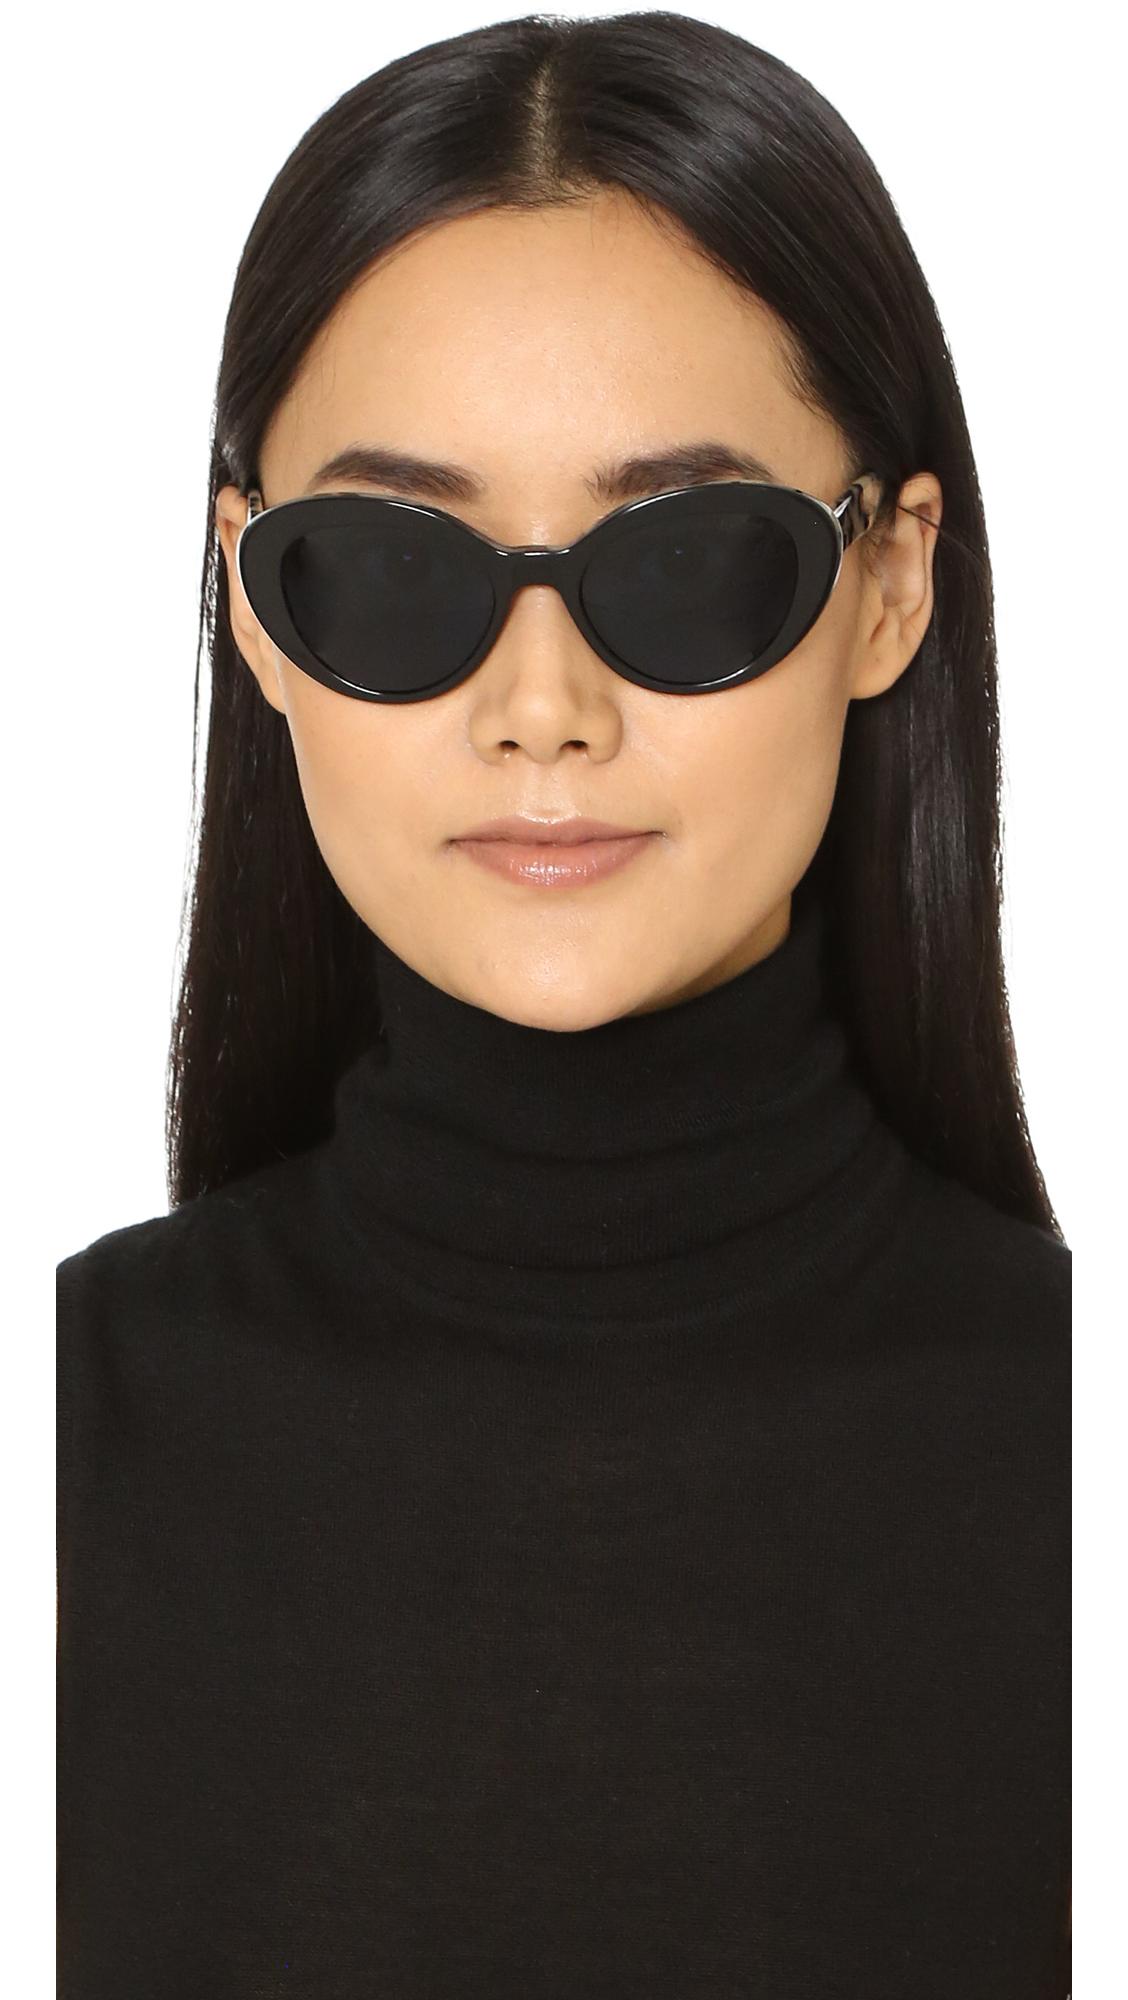 c25b50162065 spain lyst prada oval cat sunglasses in black 253df e4a83